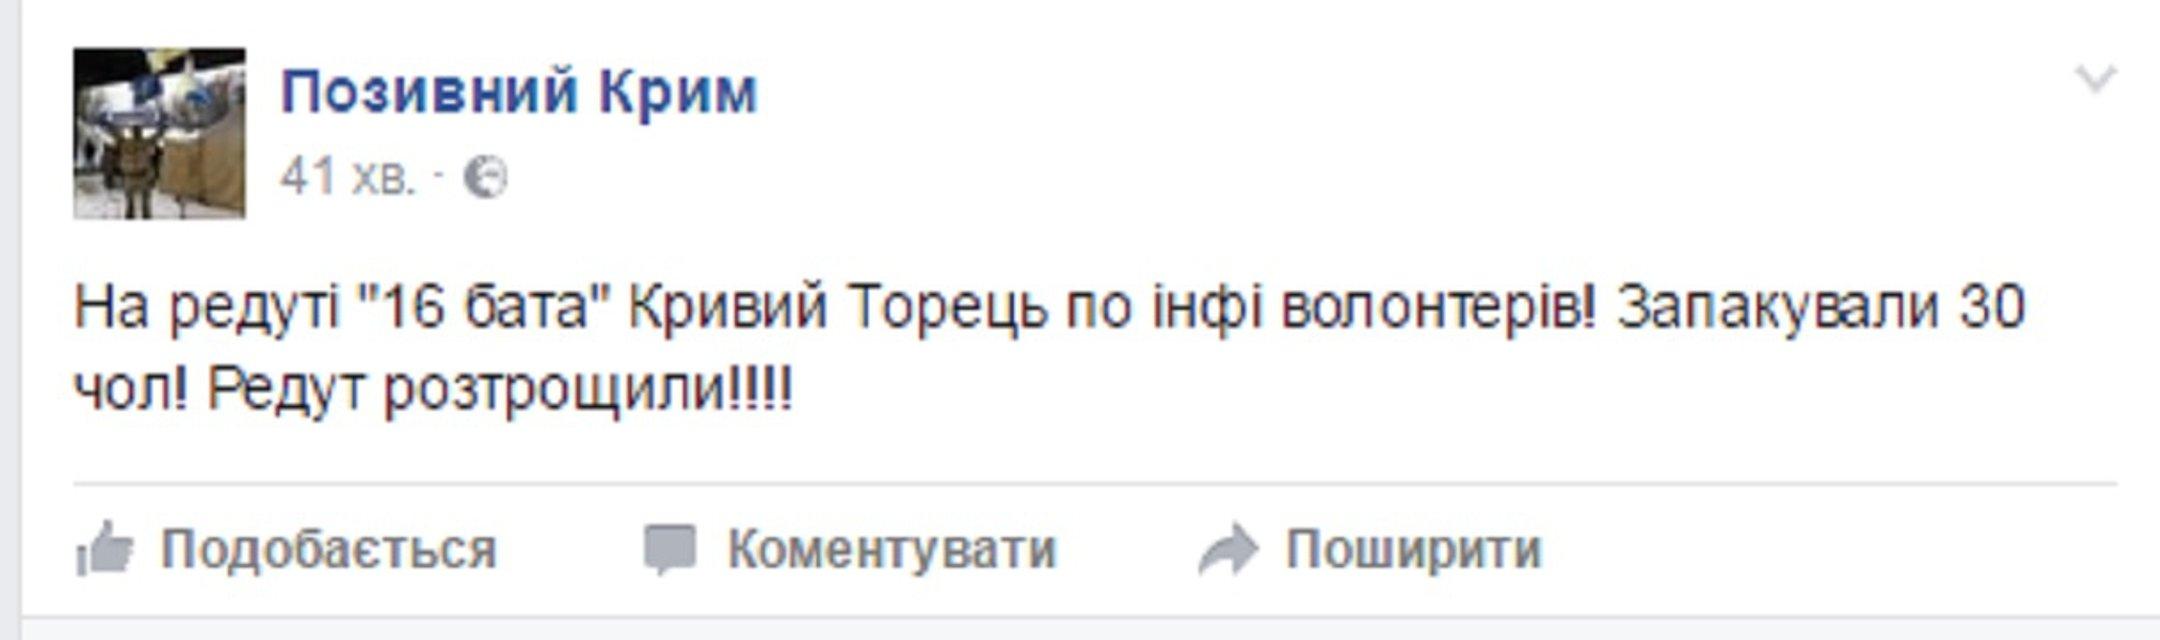 В штабе блокады Донбасса заявили о разгоне редута в Кривом Торце - фото 38124